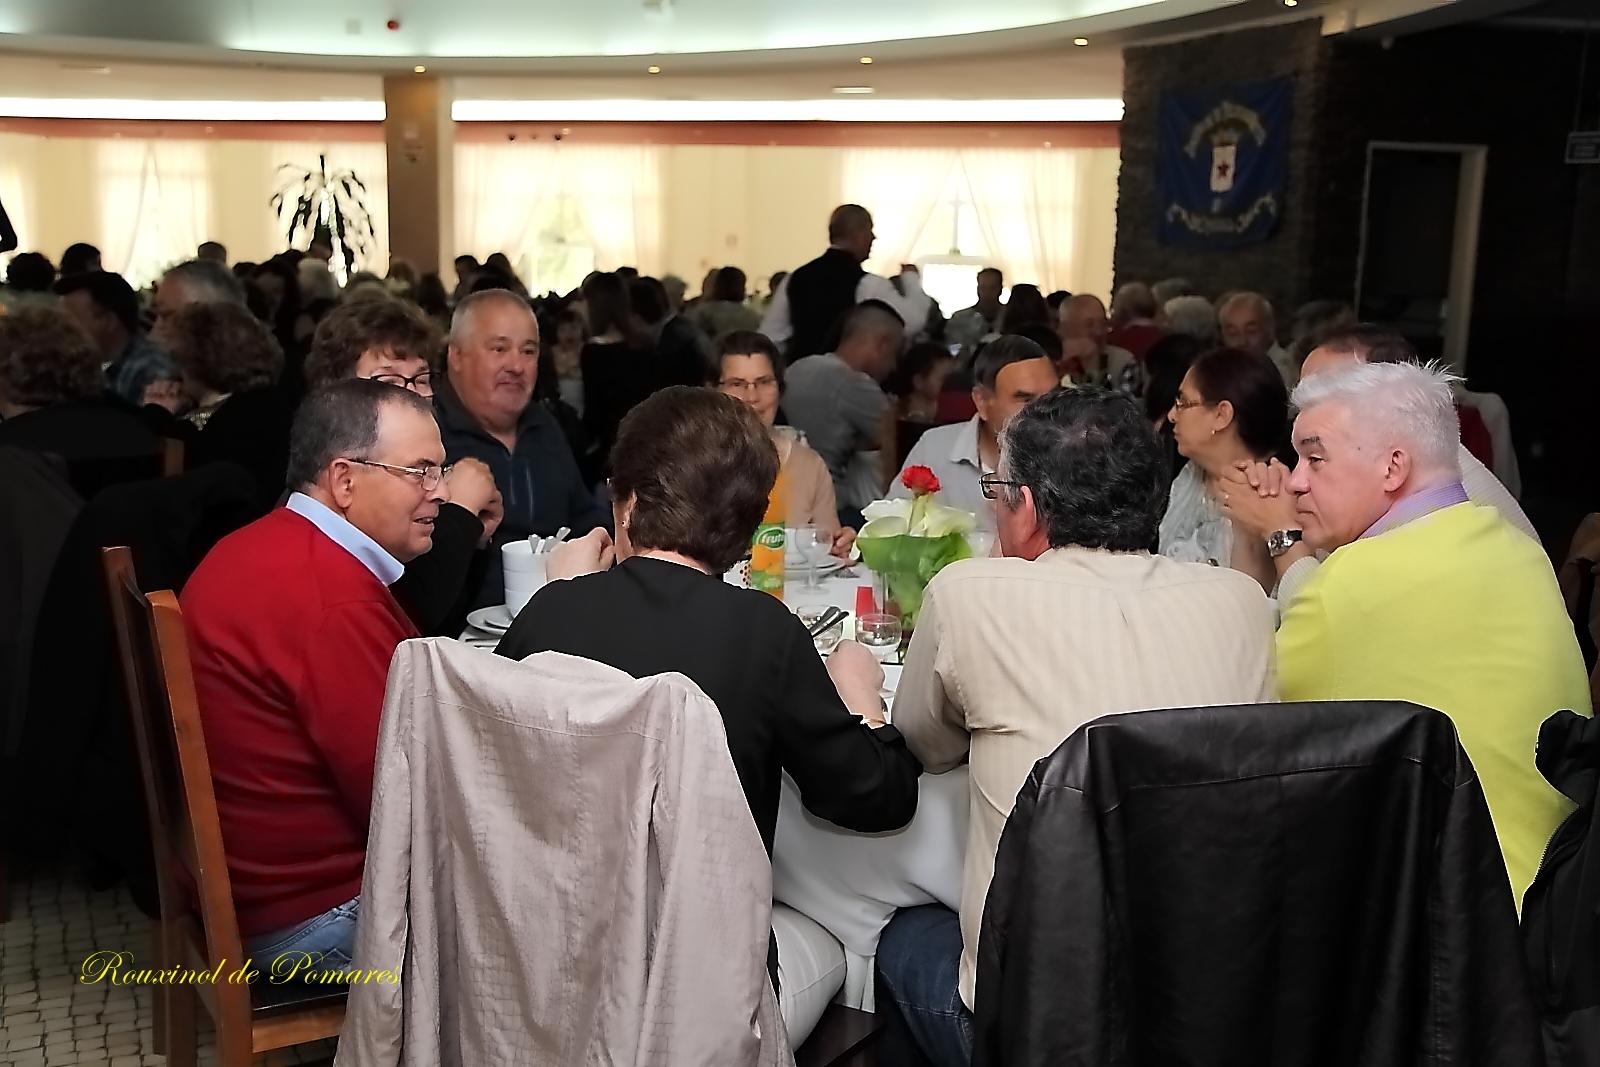 Almoço Comemoração 95 Anos Sociedade  (5)